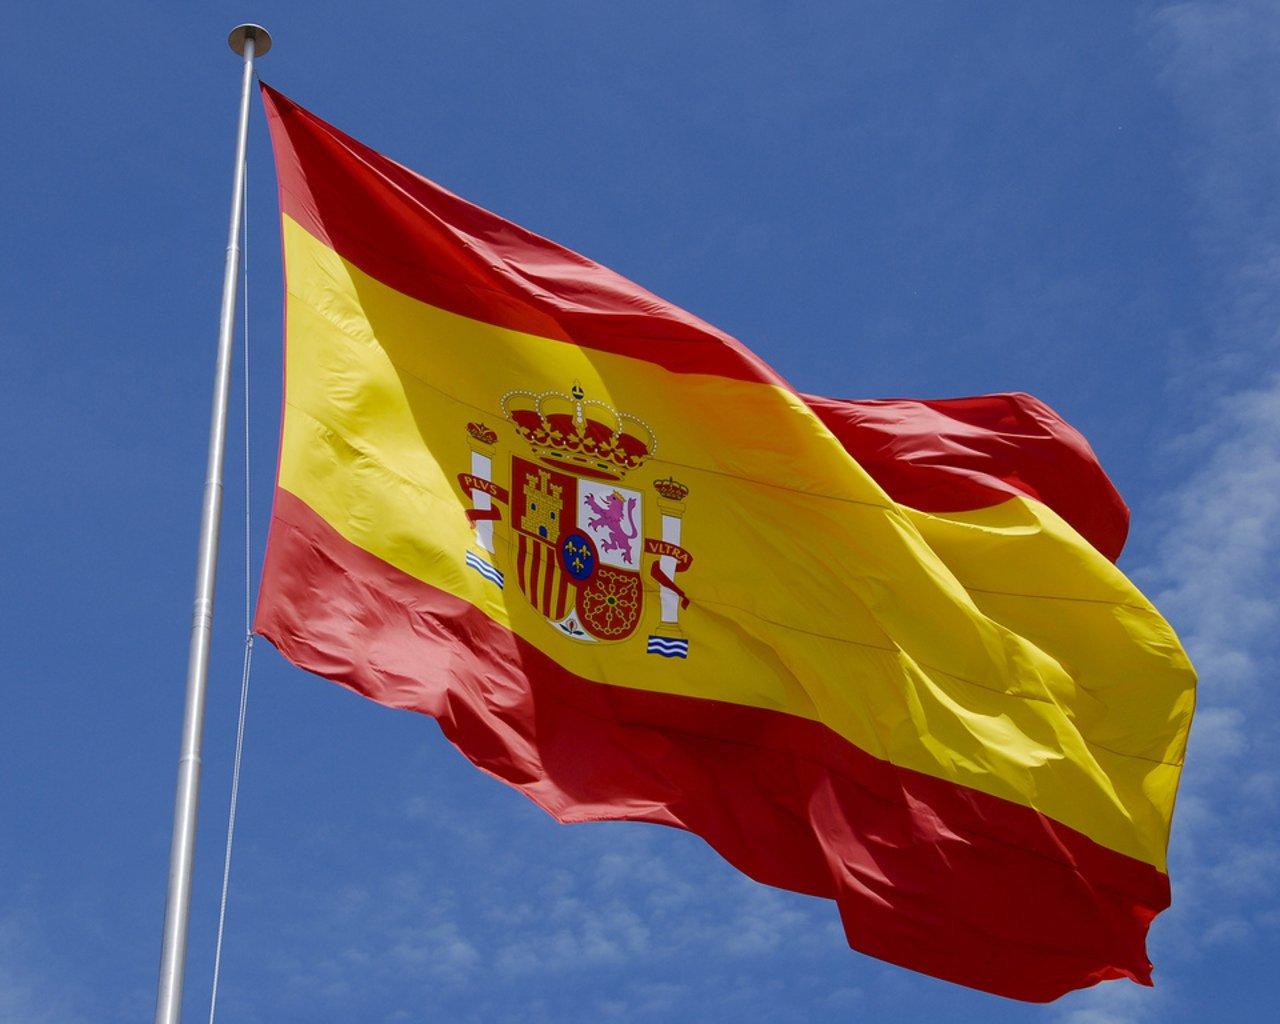 Туризм в Испании: достопримечательности и возможности для отдыха